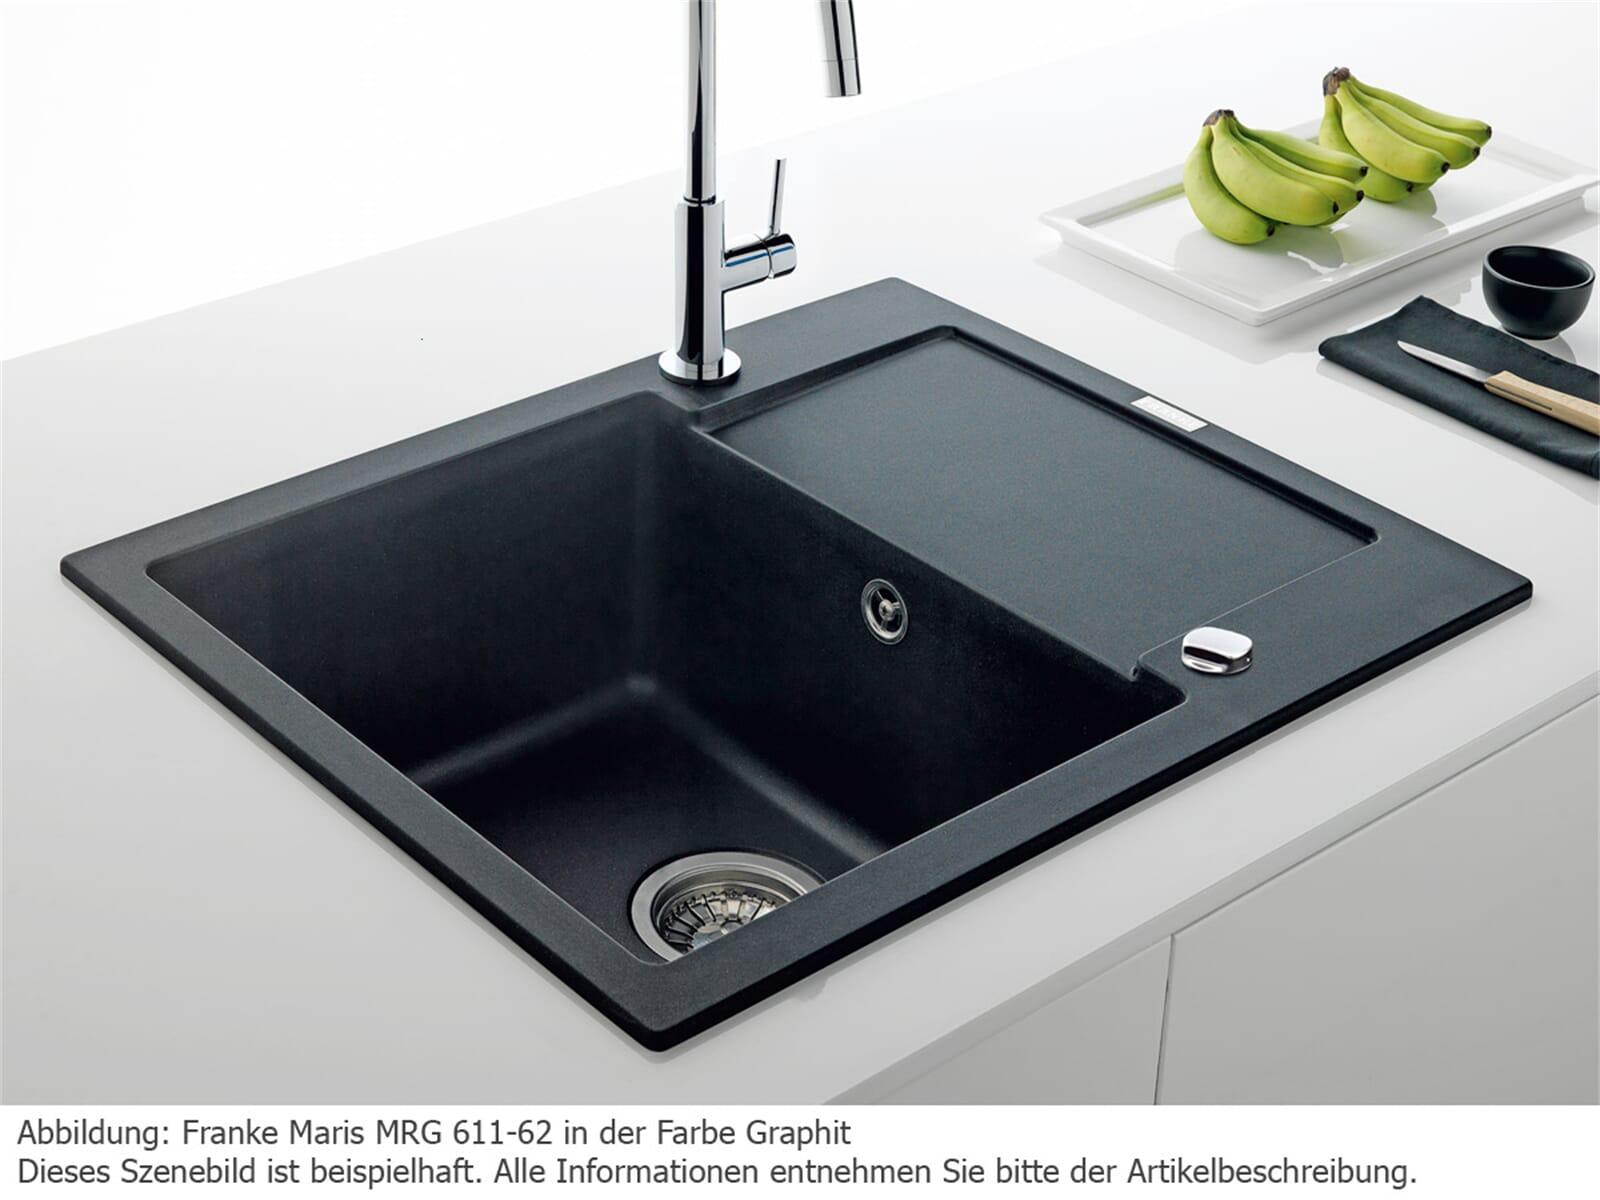 franke maris mrg 611 62 glacier fragranit sp le wei k chensp le auflagesp le ebay. Black Bedroom Furniture Sets. Home Design Ideas